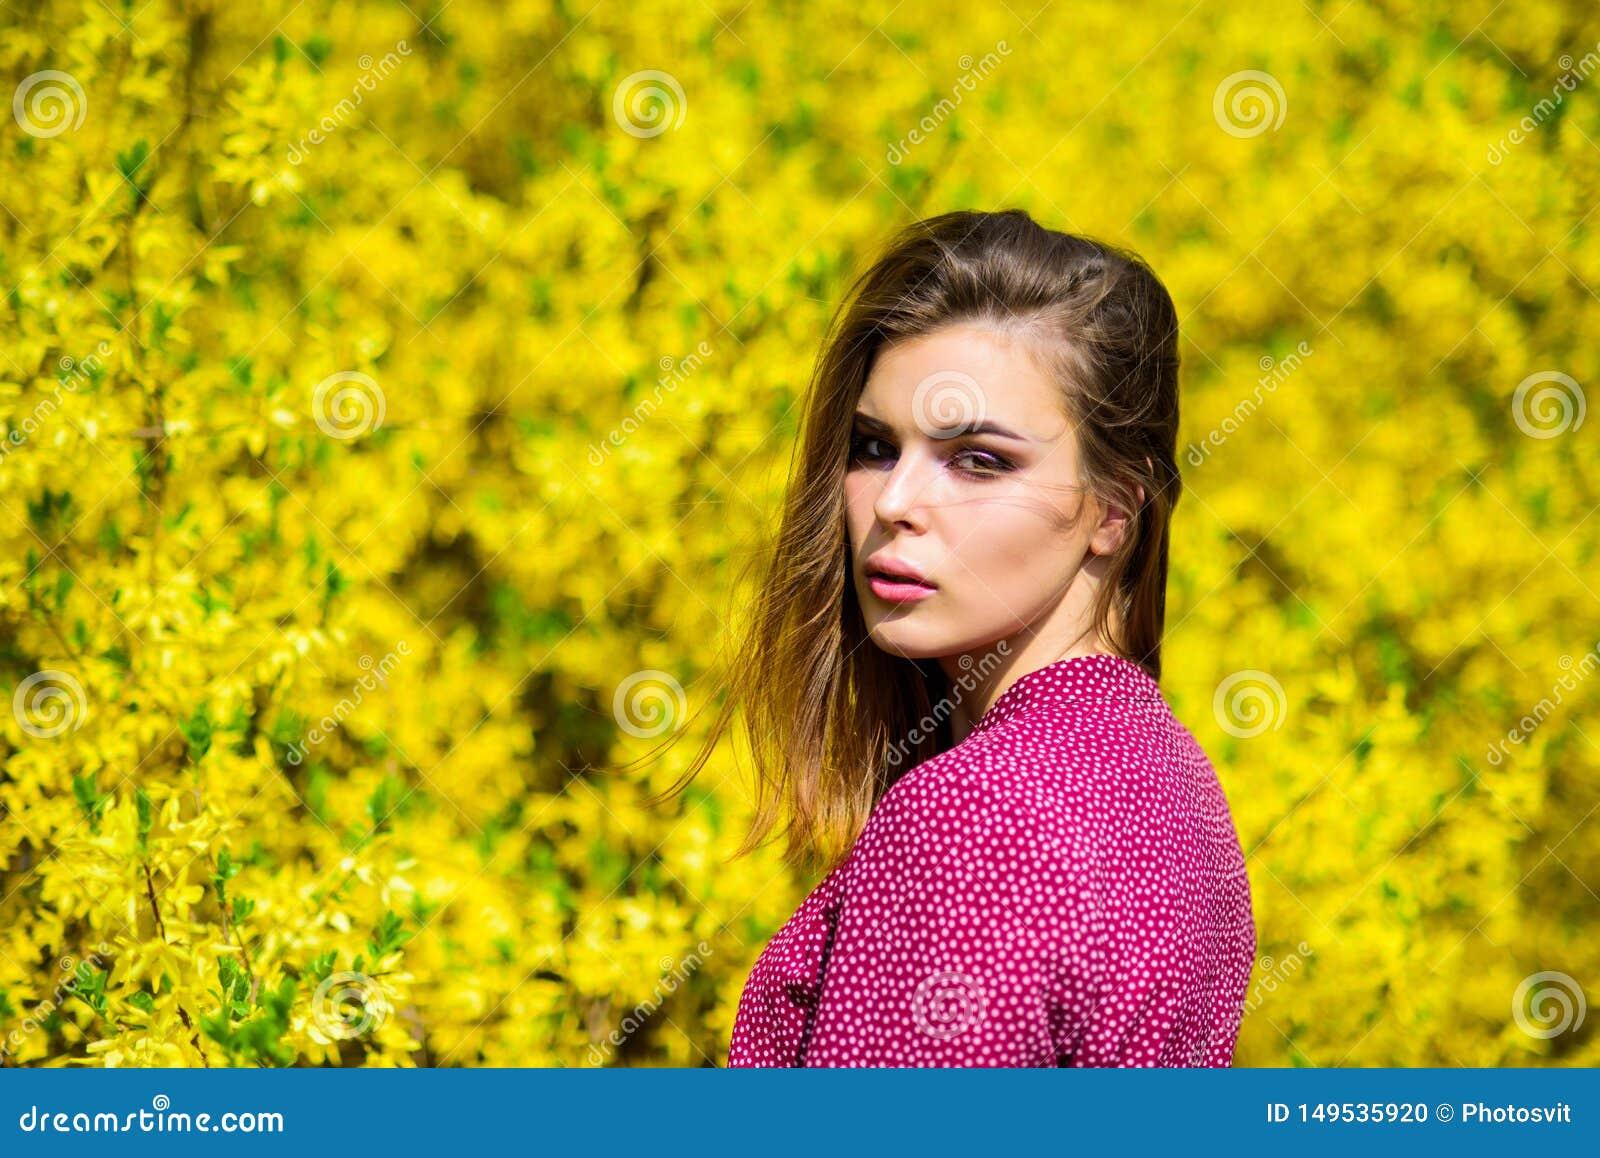 Косметики макияжа Свежесть весны o Милое skincare женщины Естественная концепция косметик Забота кожи макияжа